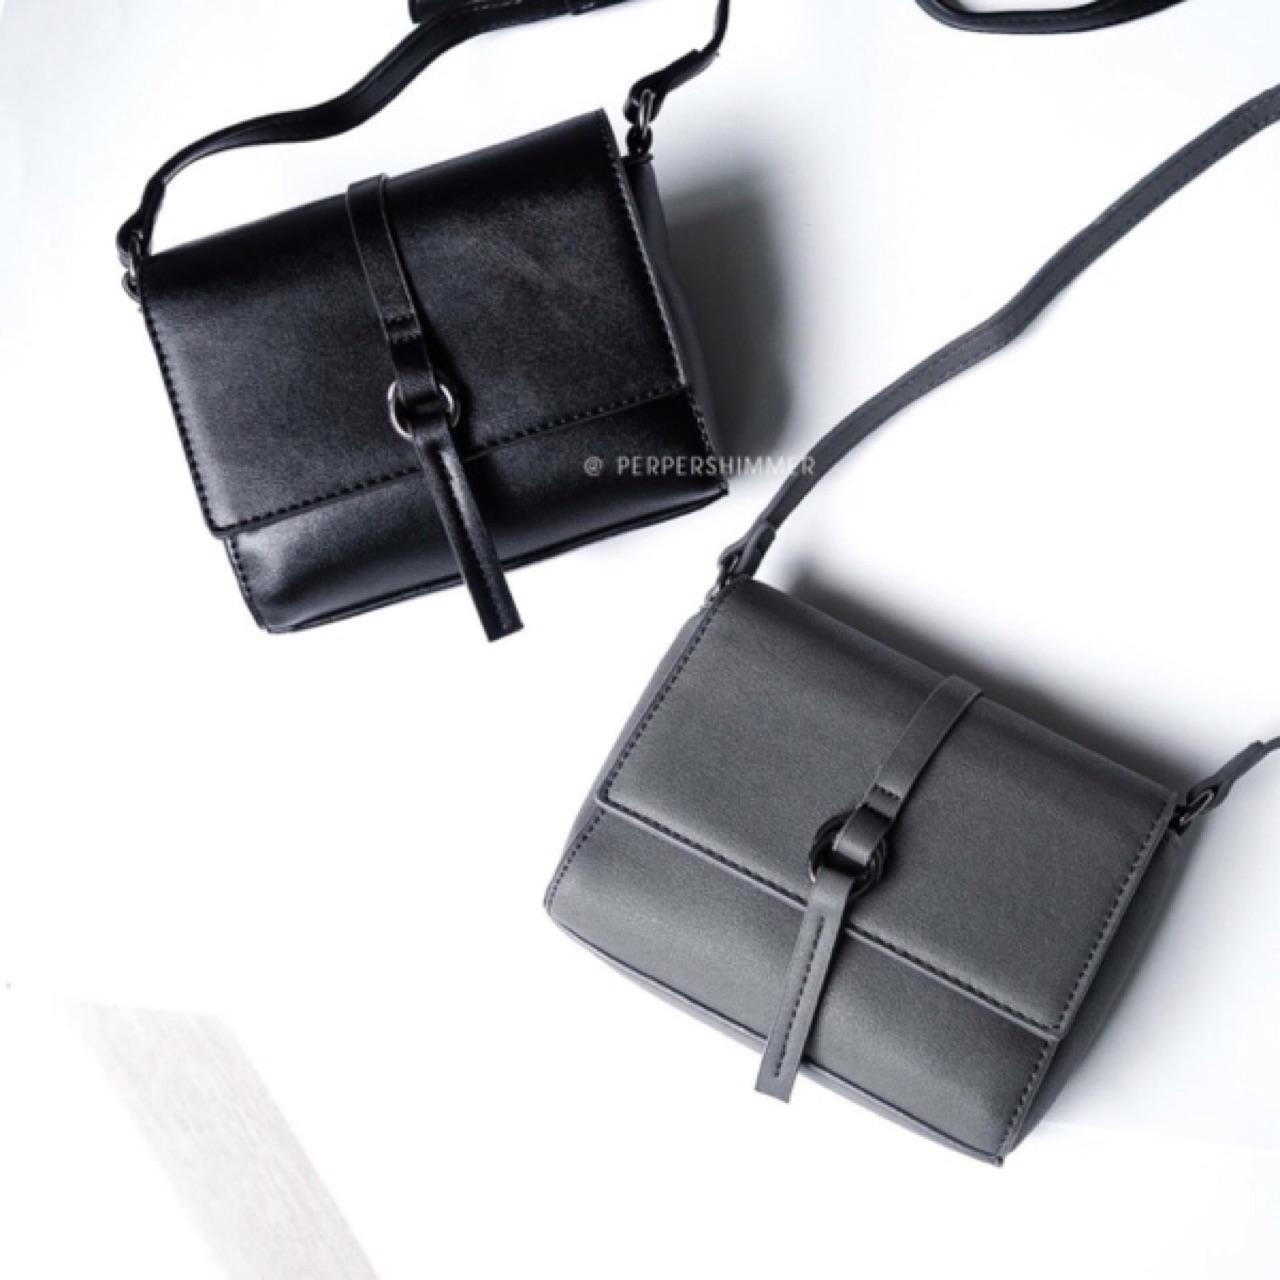 กระเป๋า,กระเป๋าผู้หญิง,กระเป๋าสะพาย,กระเป๋าหนัง,กระเป๋าใบเล็ก